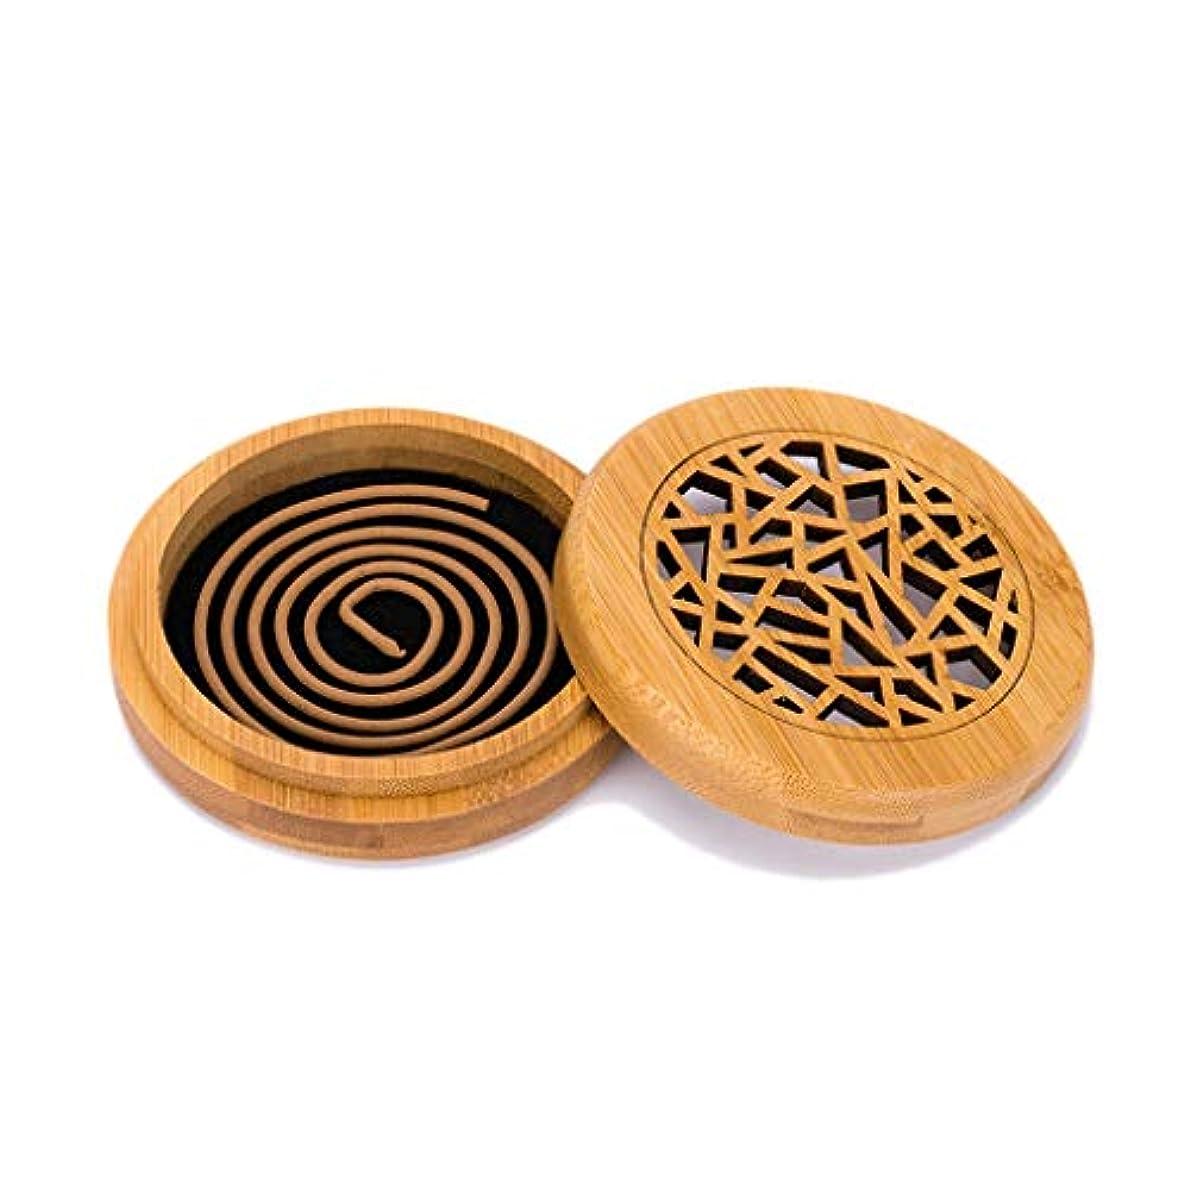 証書拒絶する乗り出す竹の香バーナーコイルの香バーナー部屋の装飾瞑想竹の香り天然素材香ホルダー (Color : WOOD, サイズ : Round)